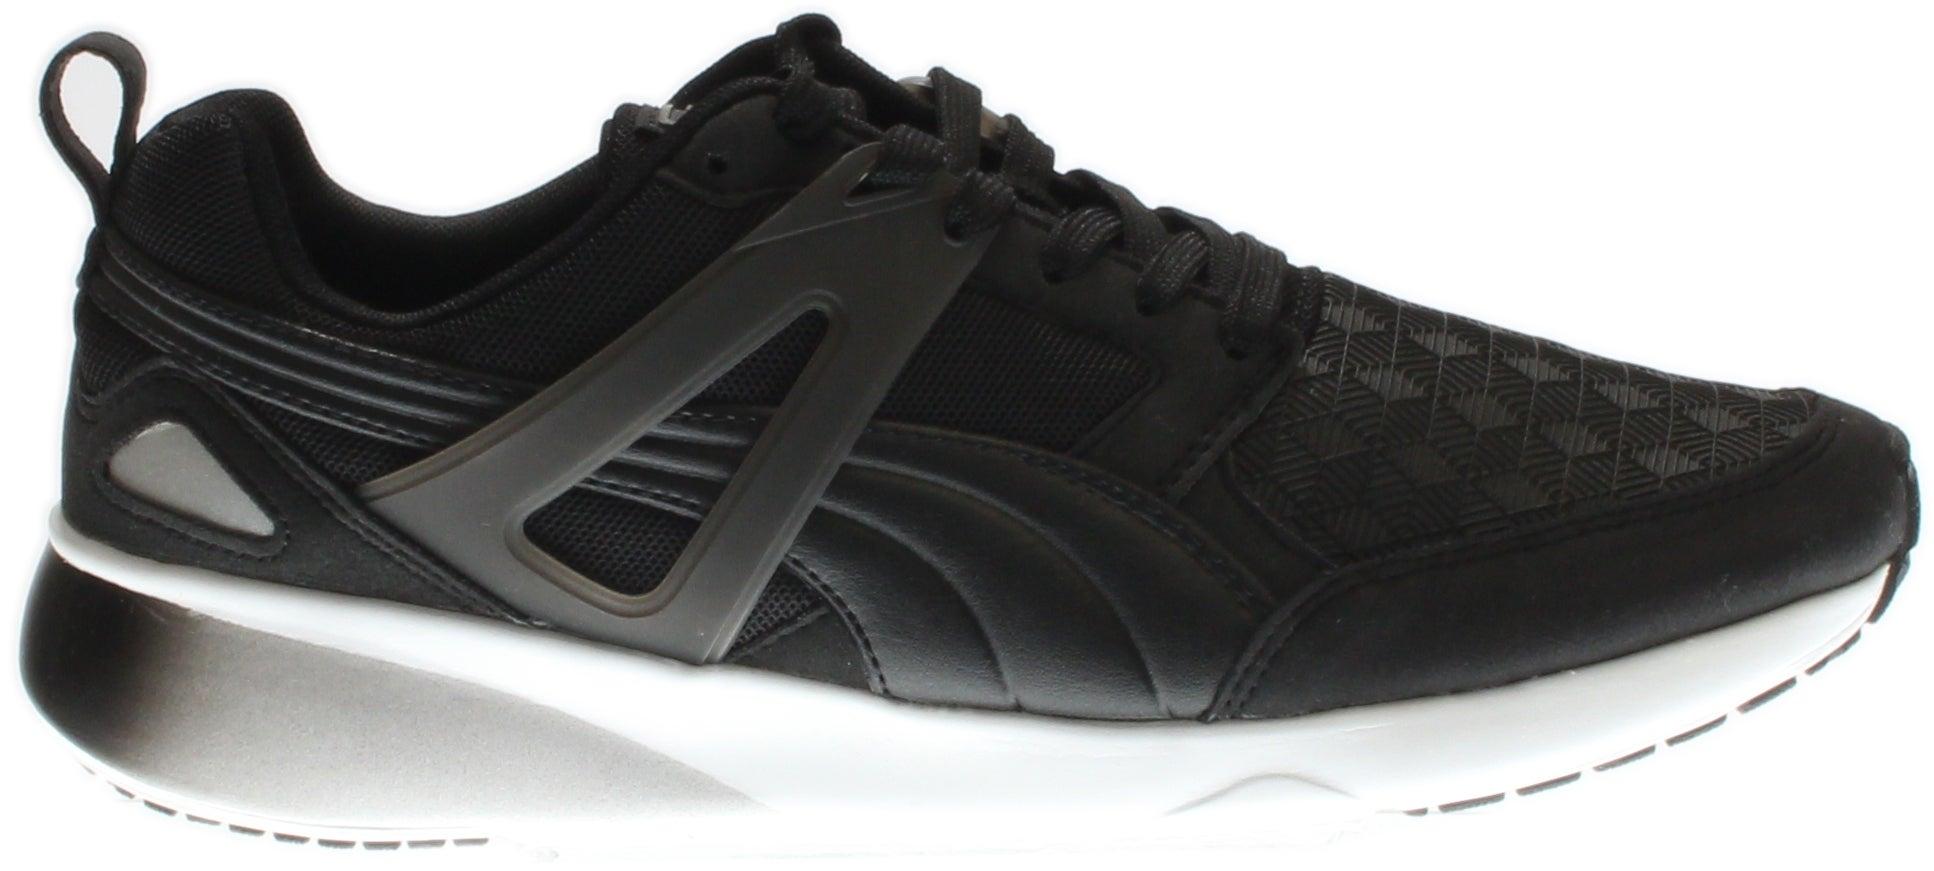 Puma Aril 3D W Black - Womens  - Size